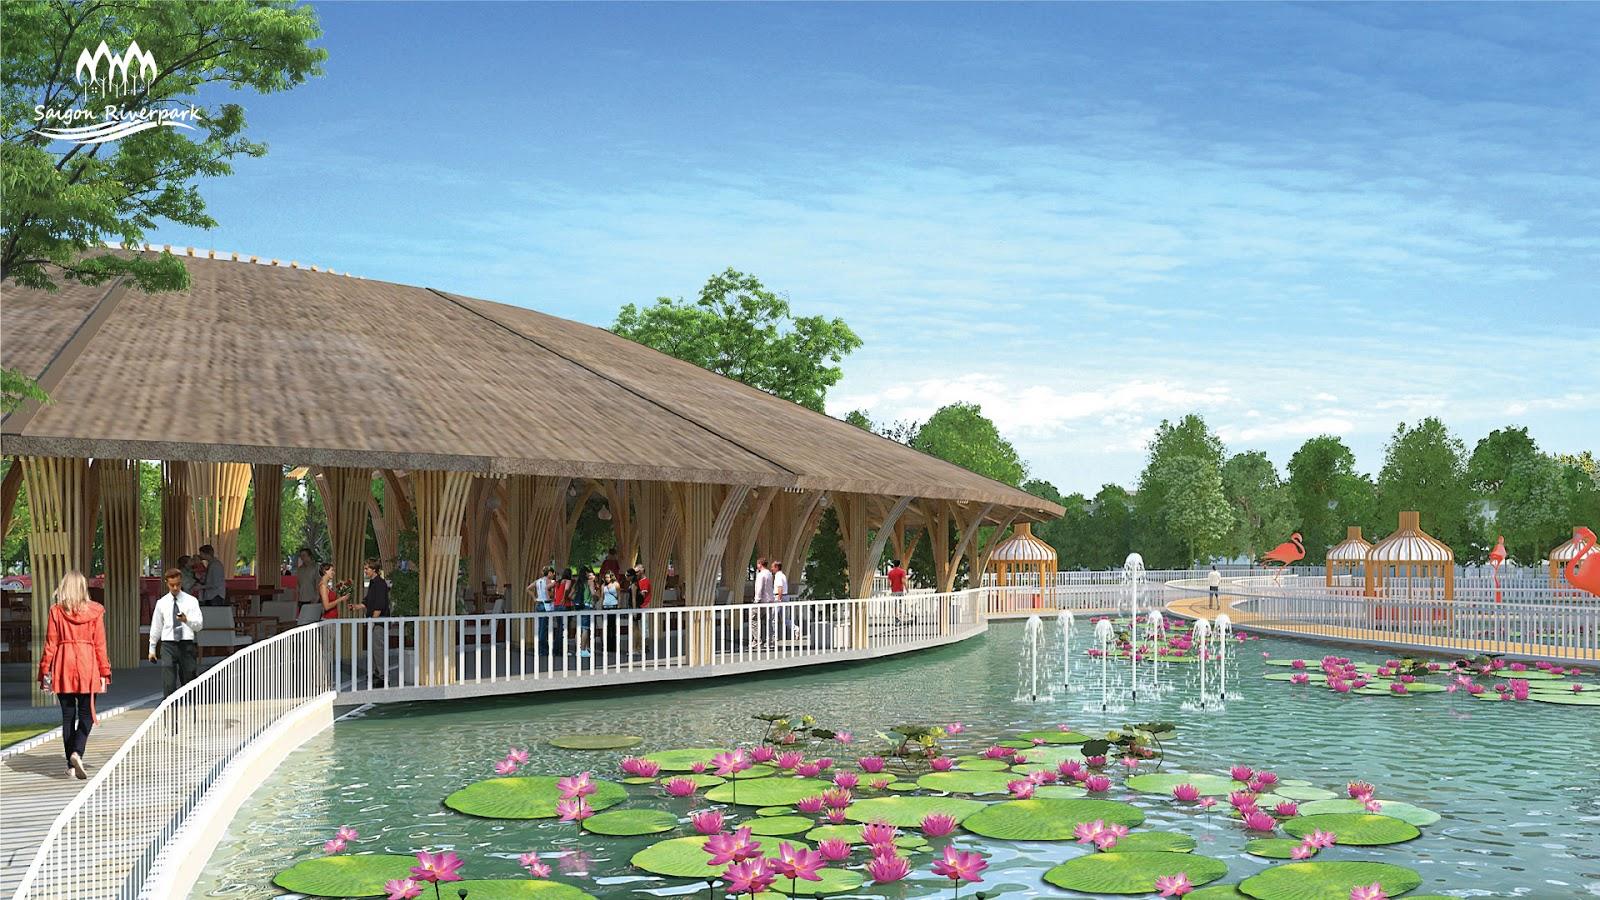 nha-hang-thuy-ta-saigon-riverpark